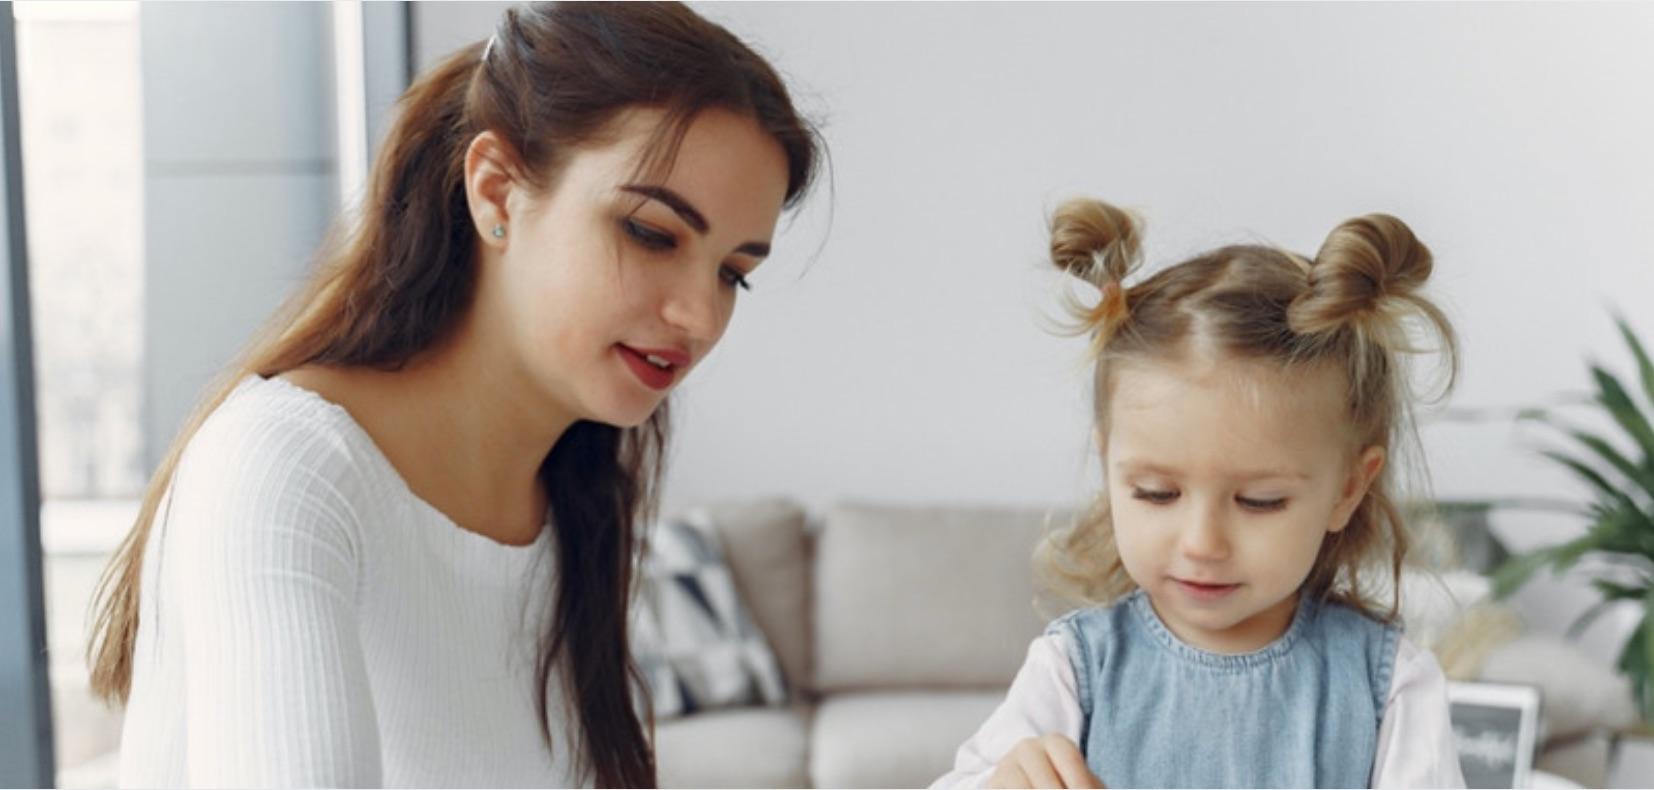 Zo krijg je meer ervaring met werken met kinderen